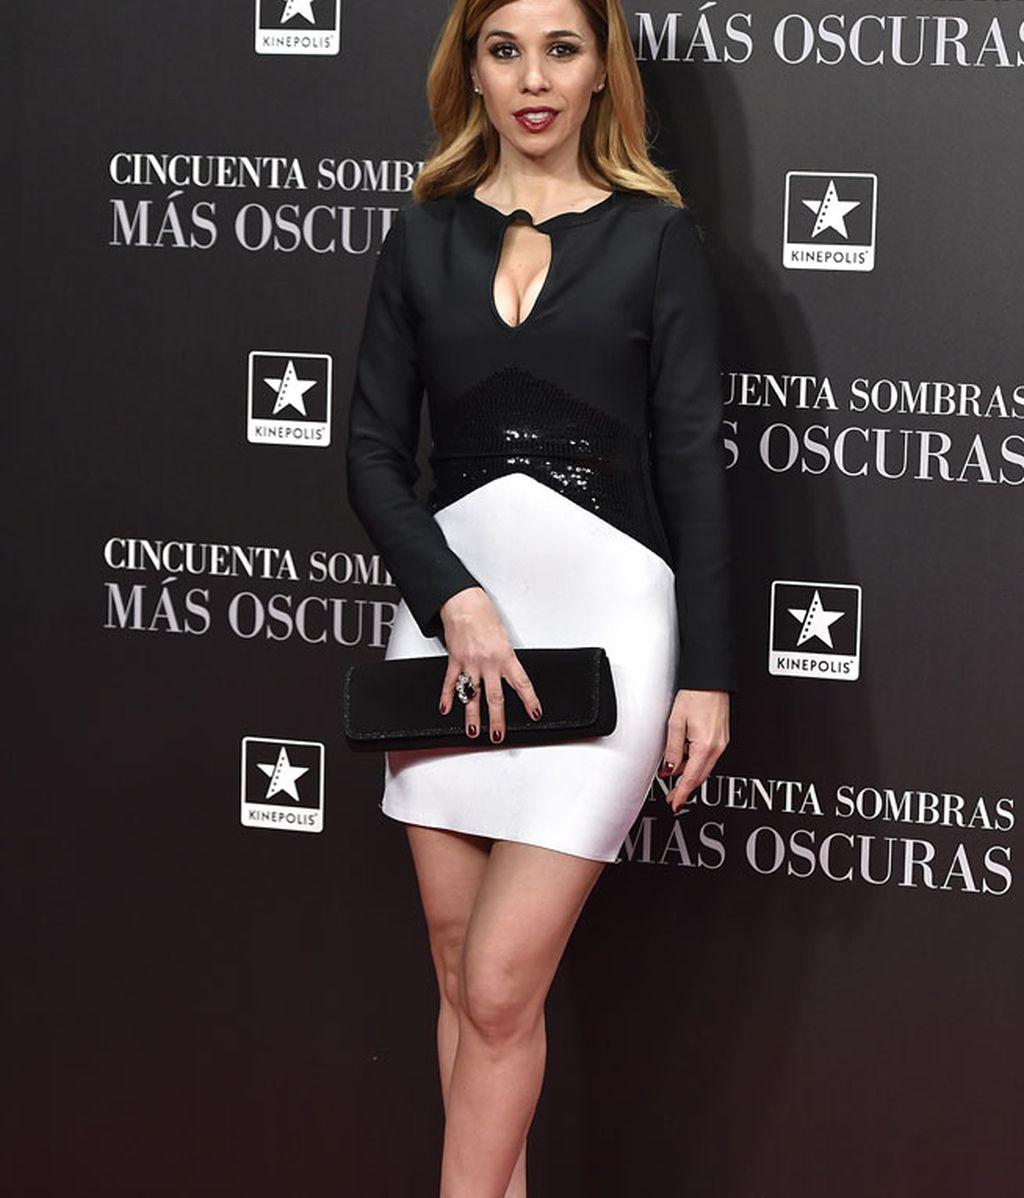 Natalia eligió un vestido corto en blanco y negro